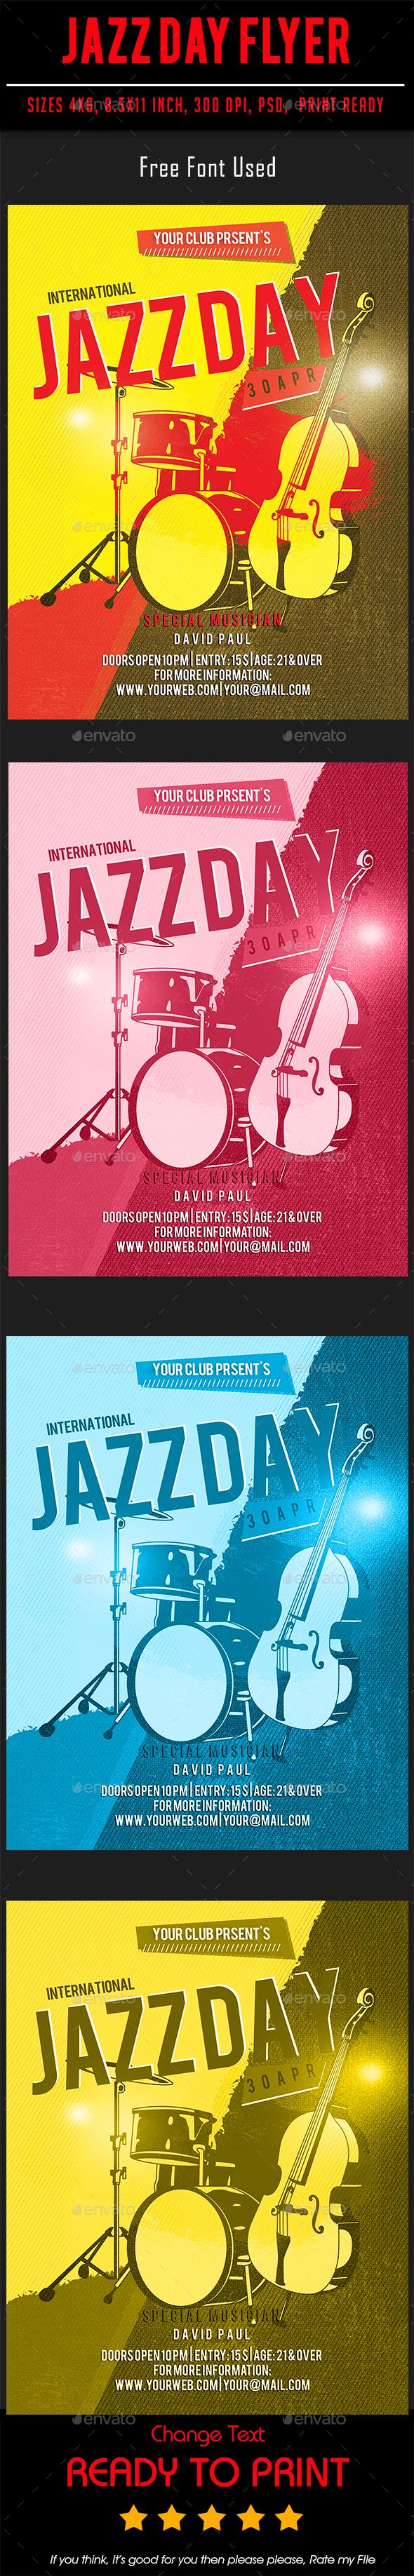 Jazz Day Flyer - Flyers Print Templates